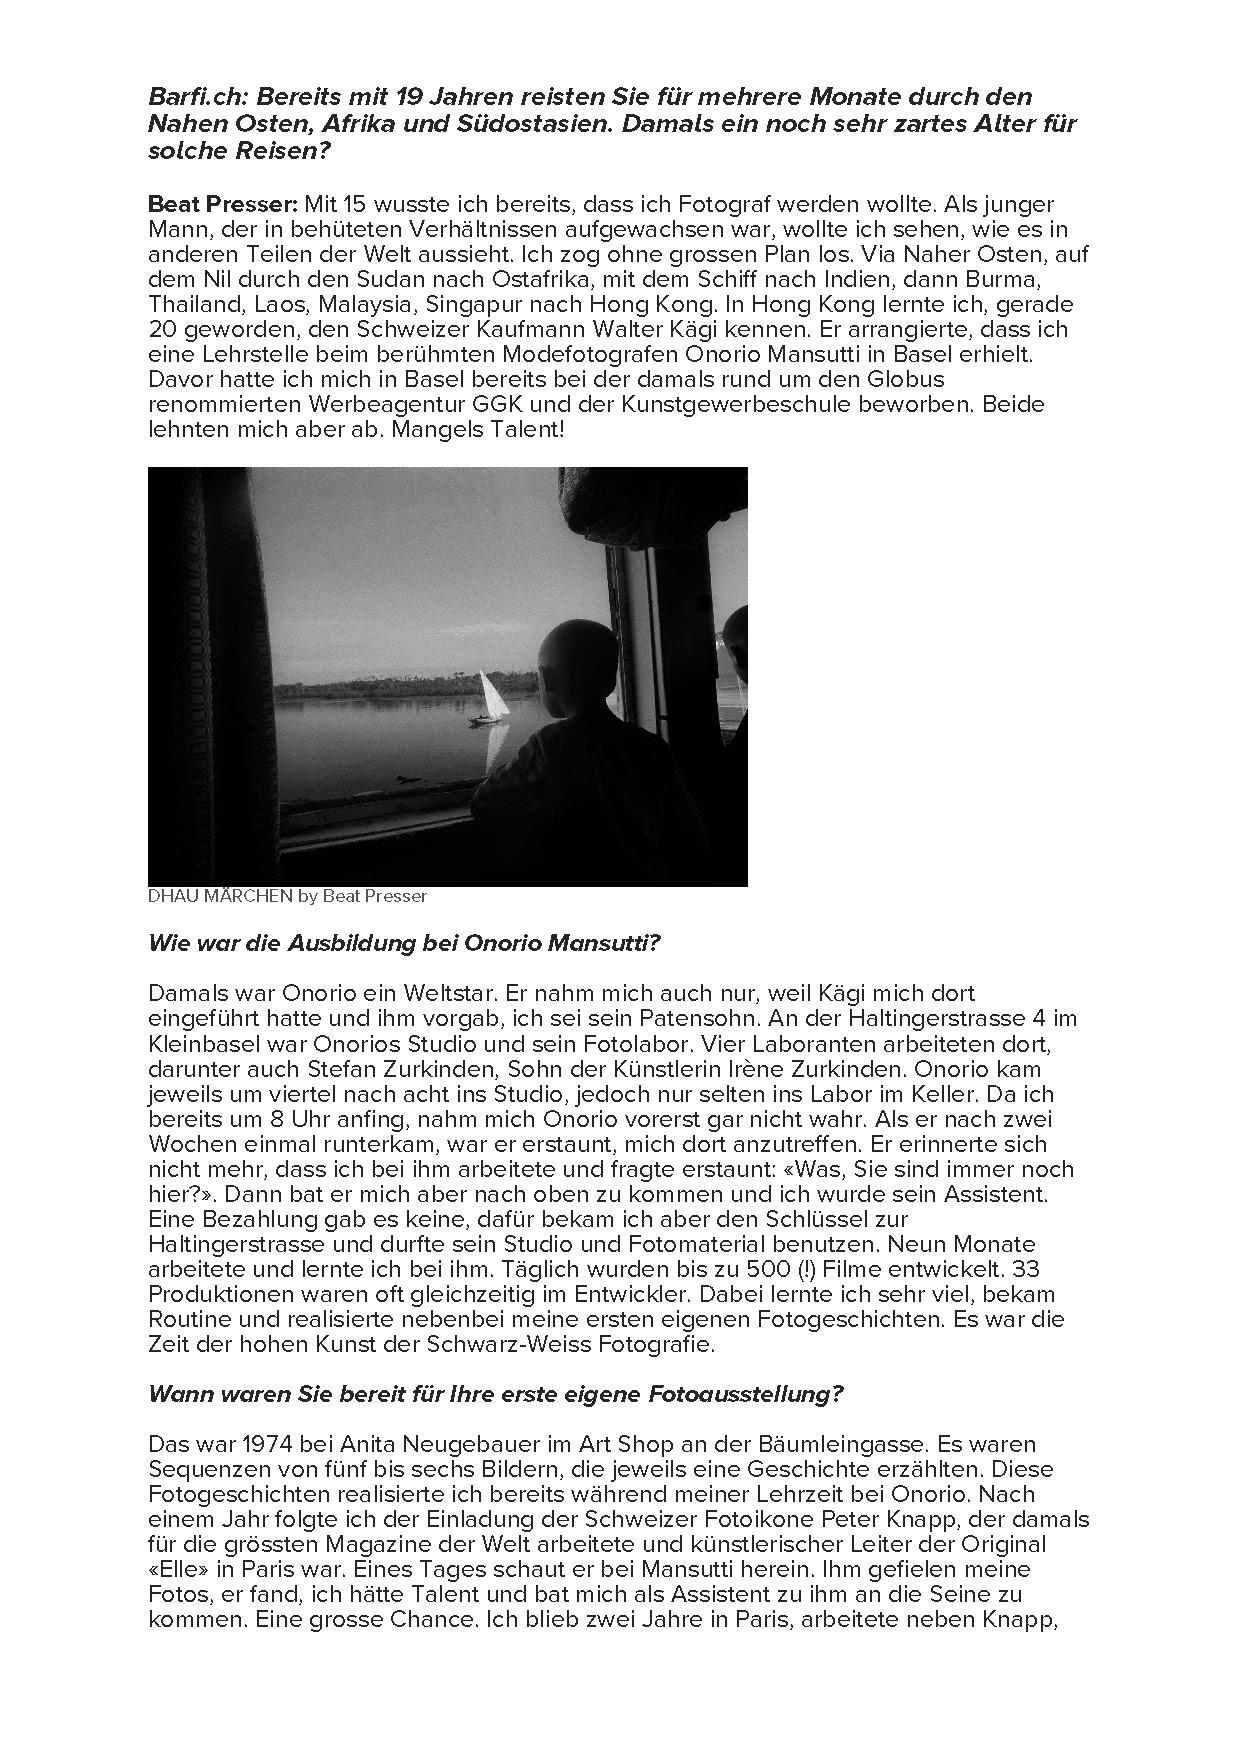 artikel_beat-presser1_seite_2